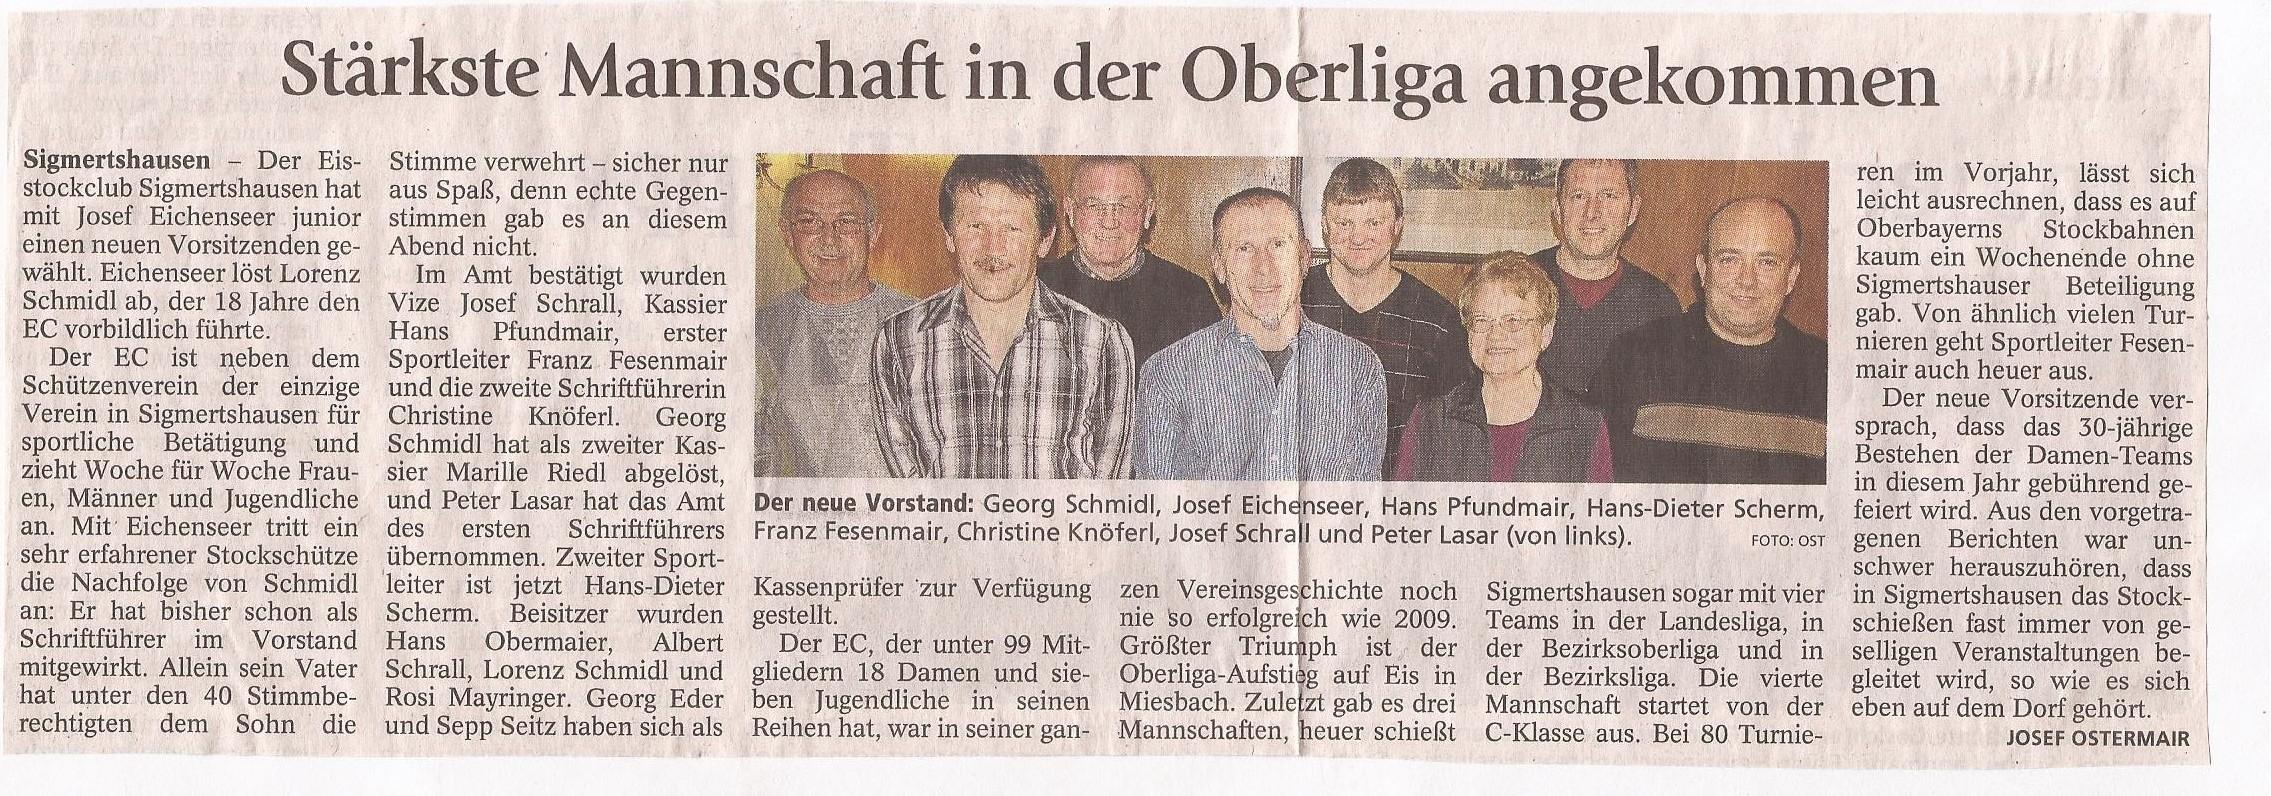 2010-03-08 Stärkste Mannschaft in der Oberliga